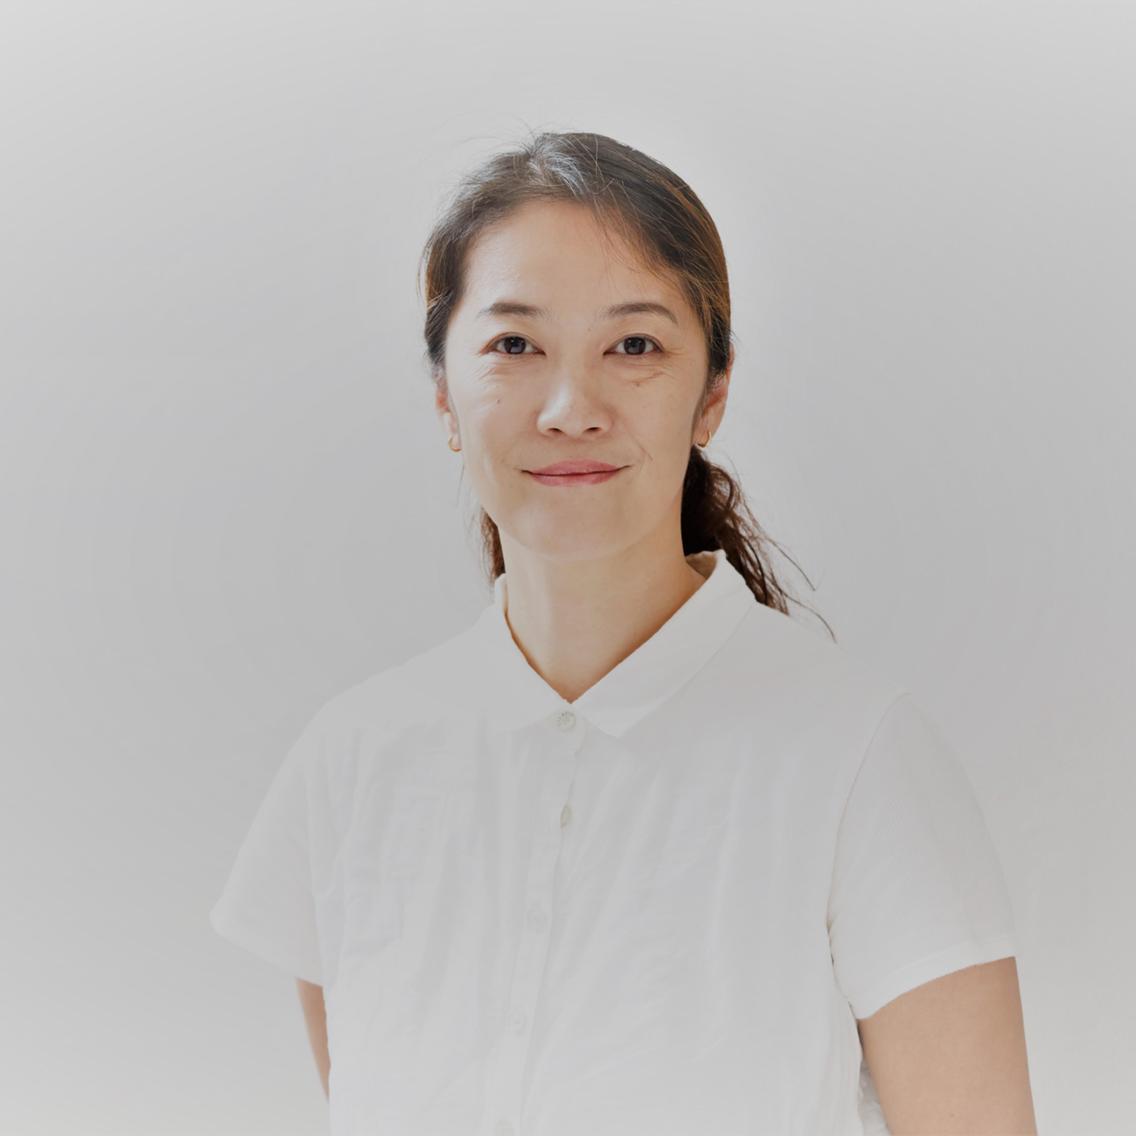 リラクゼーションサロン 気楽新所属・金野奈津江の掲載